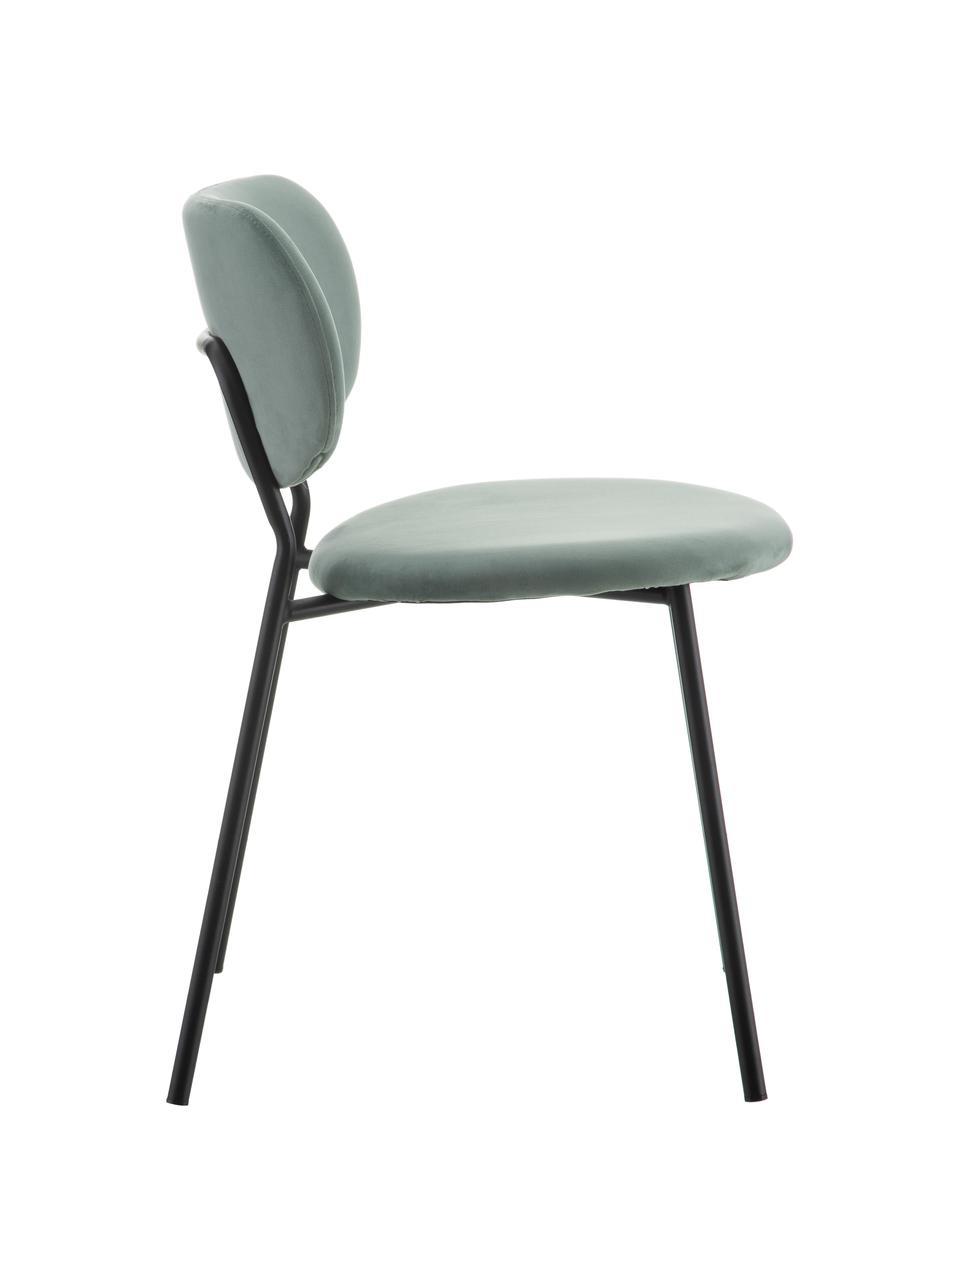 Krzesło tapicerowane z aksamitu Elyse, Tapicerka: 100% aksamit poliestrowy,, Nogi: metal, Miętowy zielony, czarny, S 49 x G 46 cm